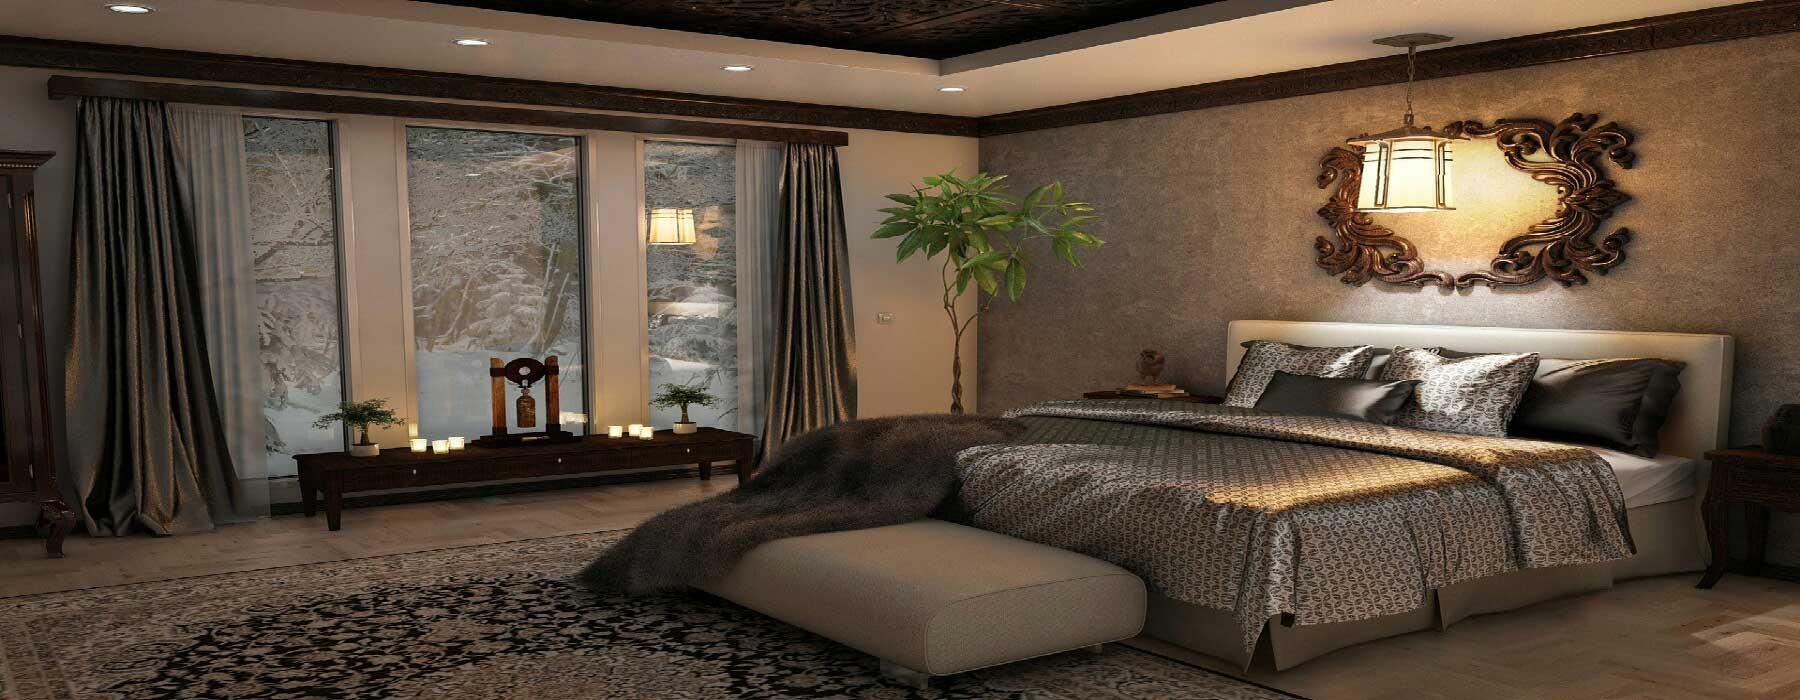 Les 12 Meilleures Idees Pour Une Chambre Qui Vous Ressemble